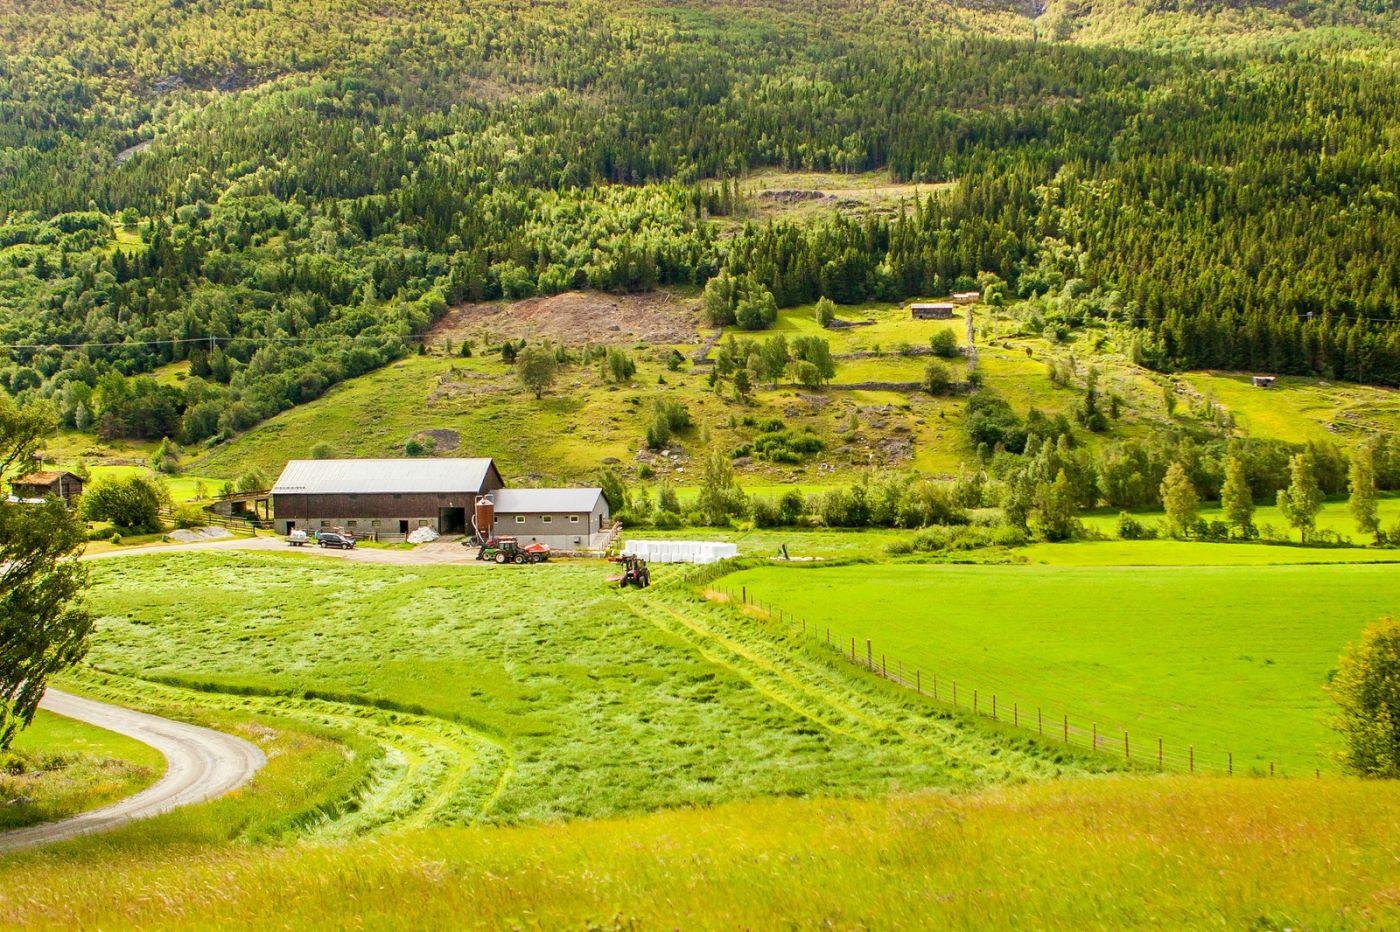 北欧旅途,美丽的田园_图1-14